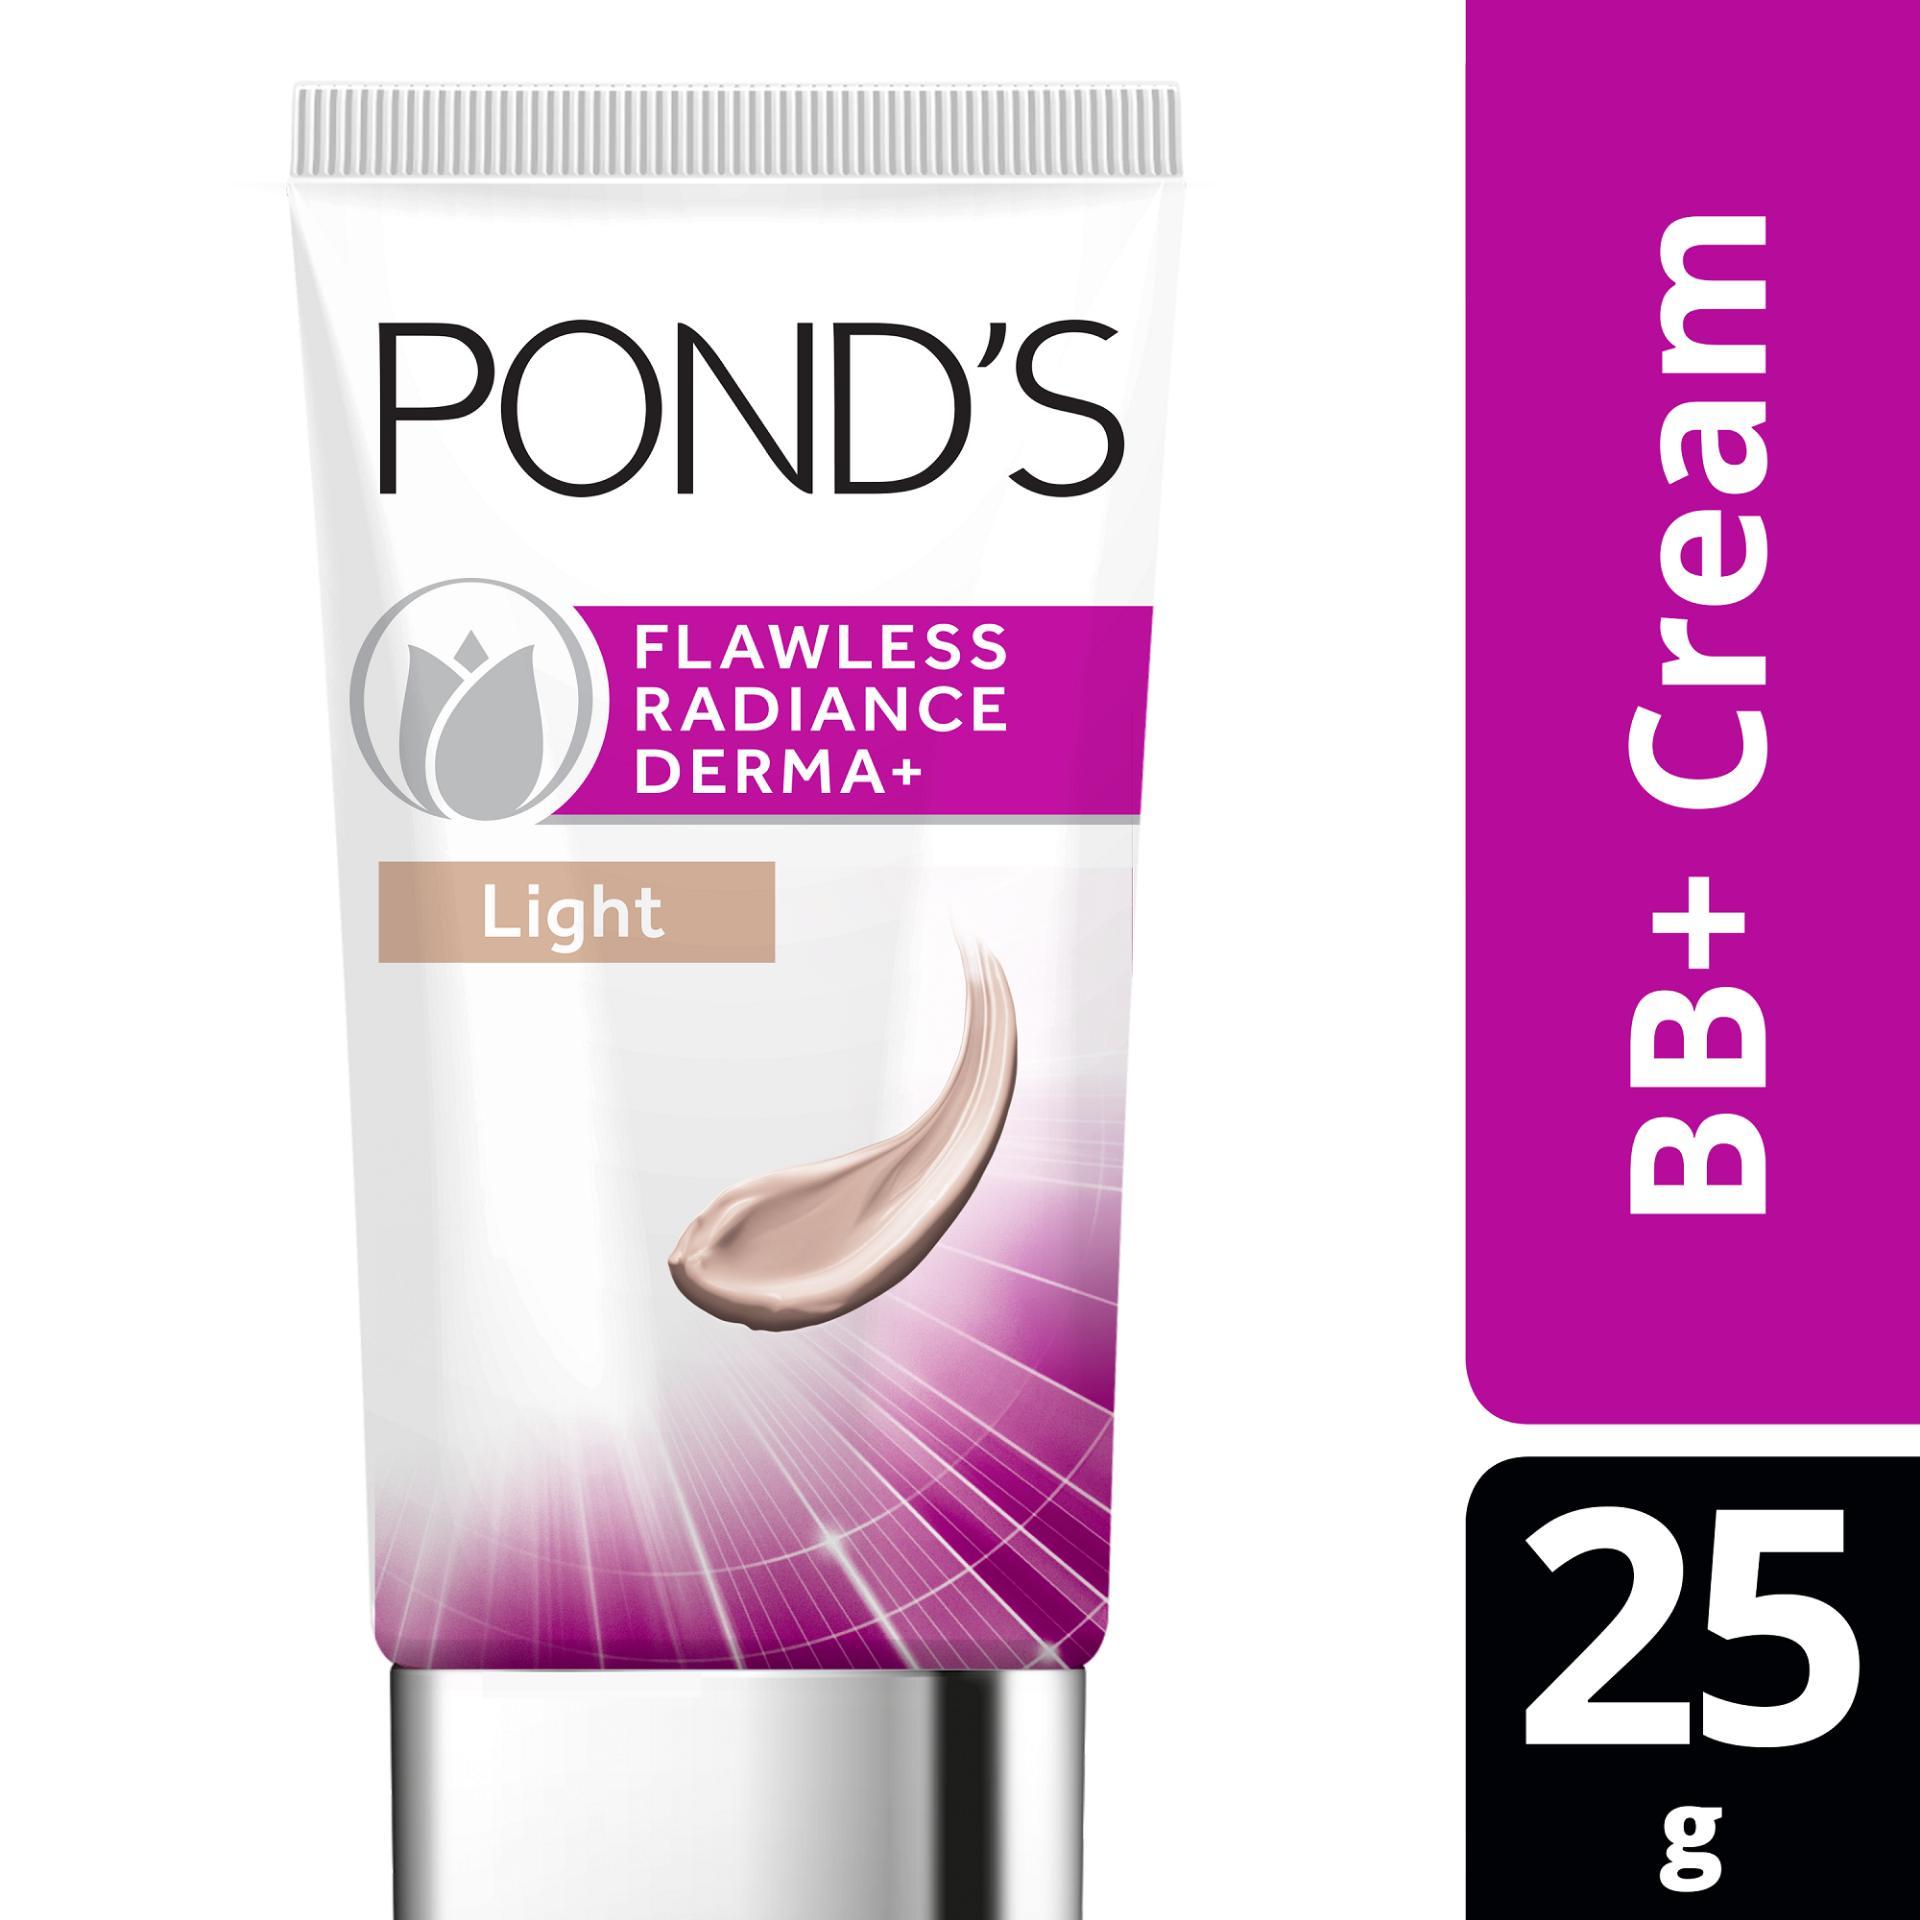 Kem Dưỡng Trắng Tạo Nền BB+ Ponds Flawless Radiance Derma SPF30 PA++, 25g